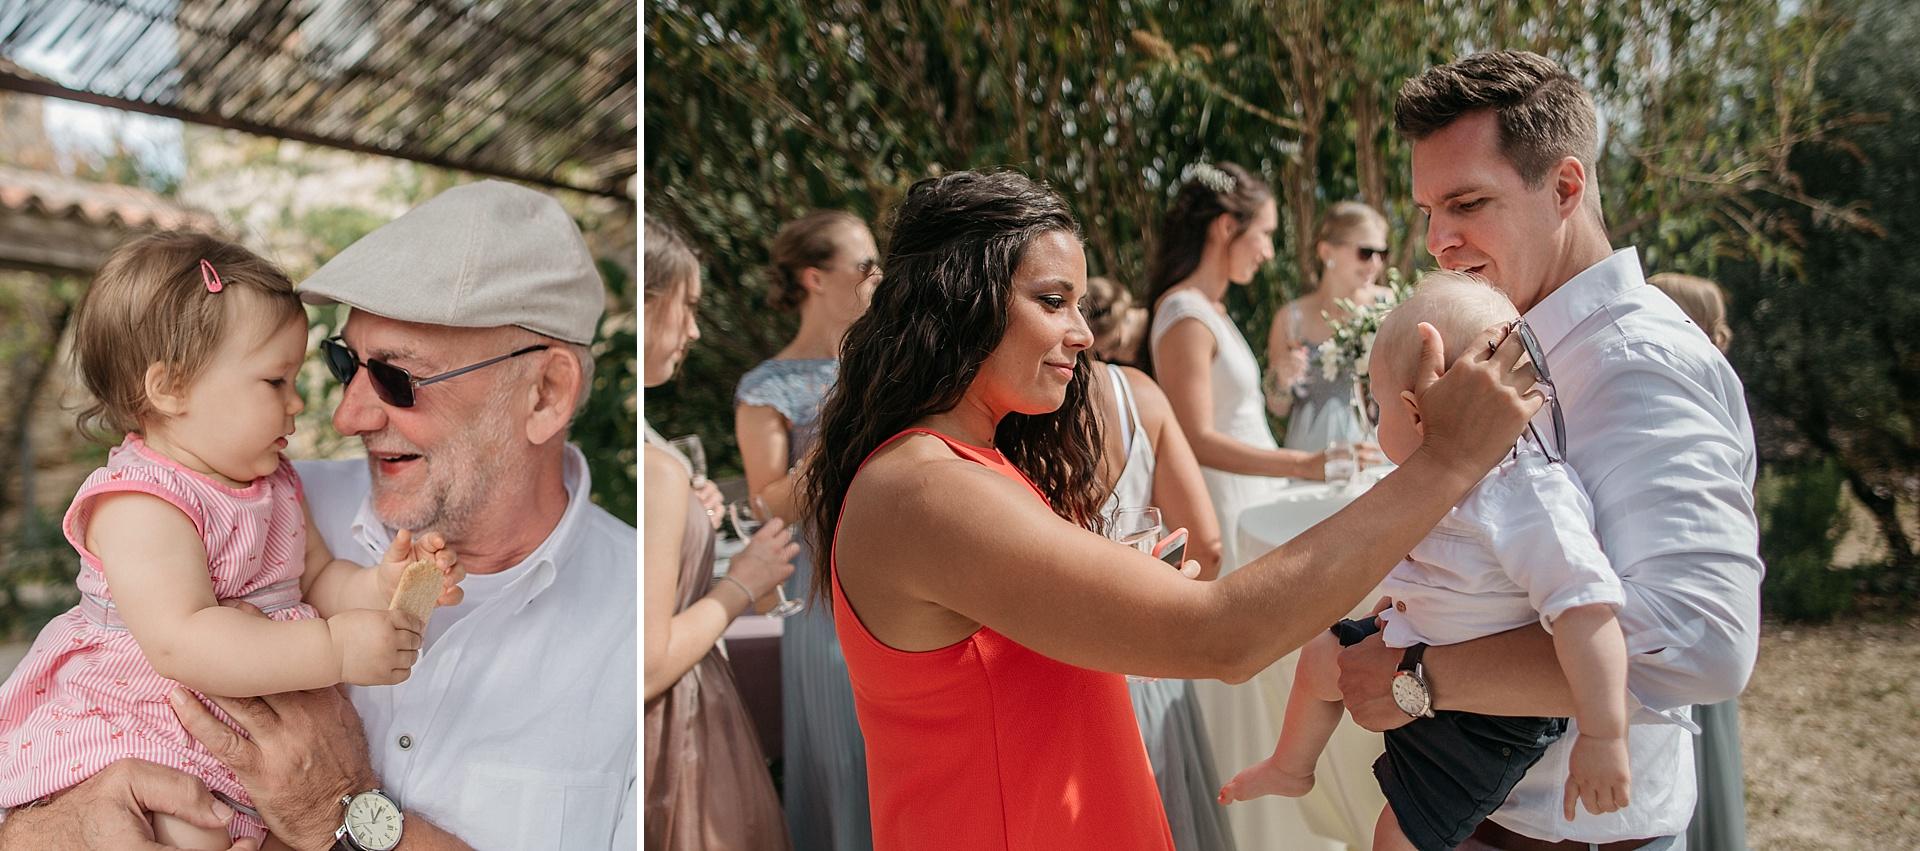 Traumhafte Hochzeit in der Provence. Sonnige Stunden und Musik zum Chillen. MYNONZO